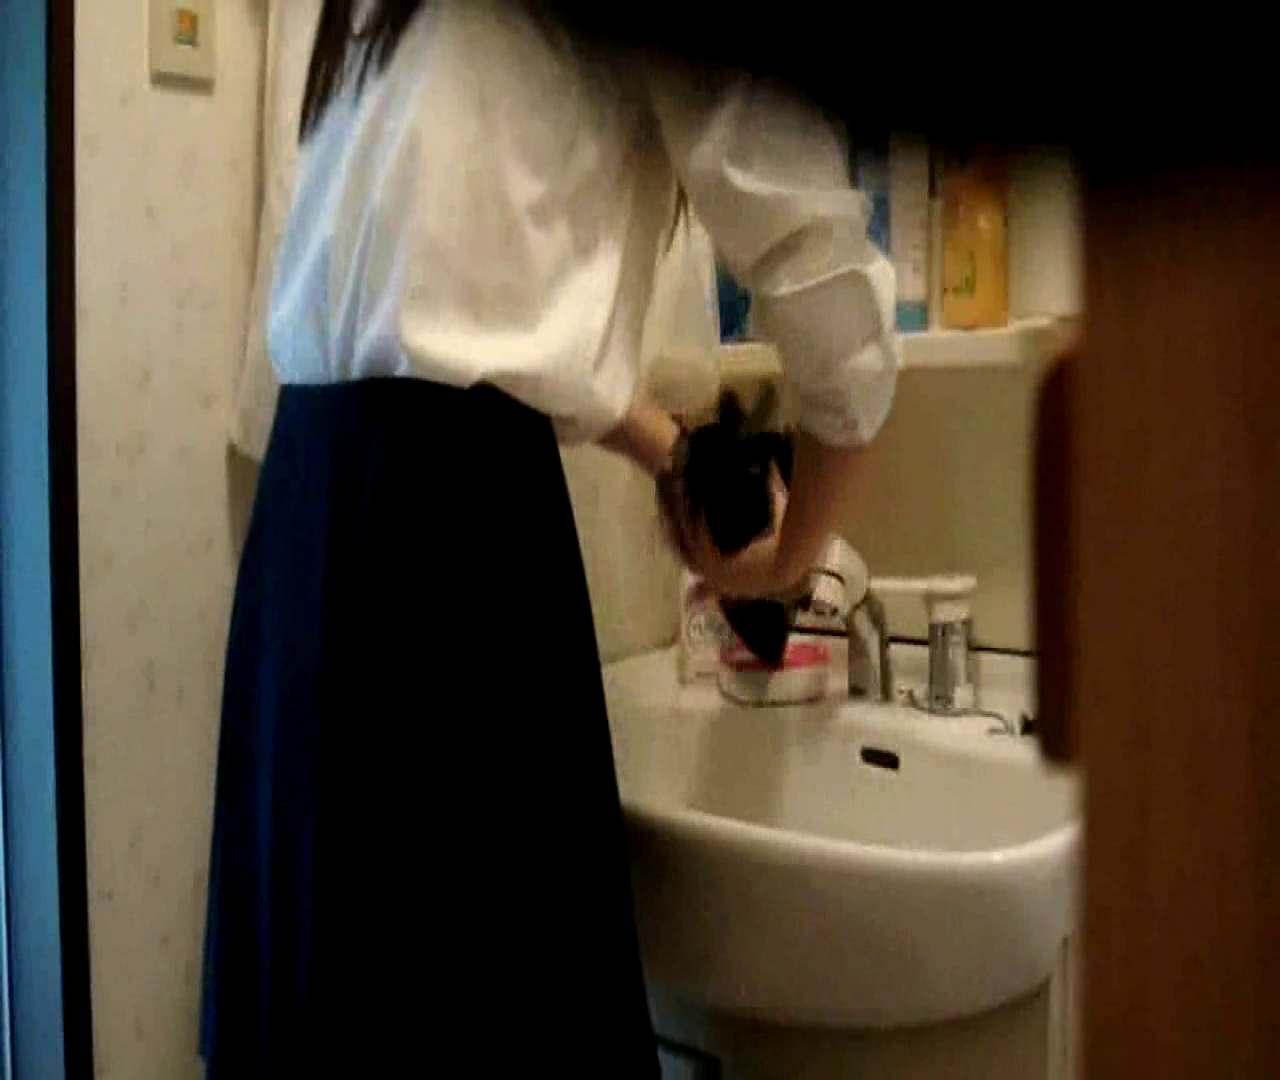 二人とも育てた甲斐がありました… vol.05 まどかが洗顔後にブラを洗濯 HなOL | 0  98pic 93